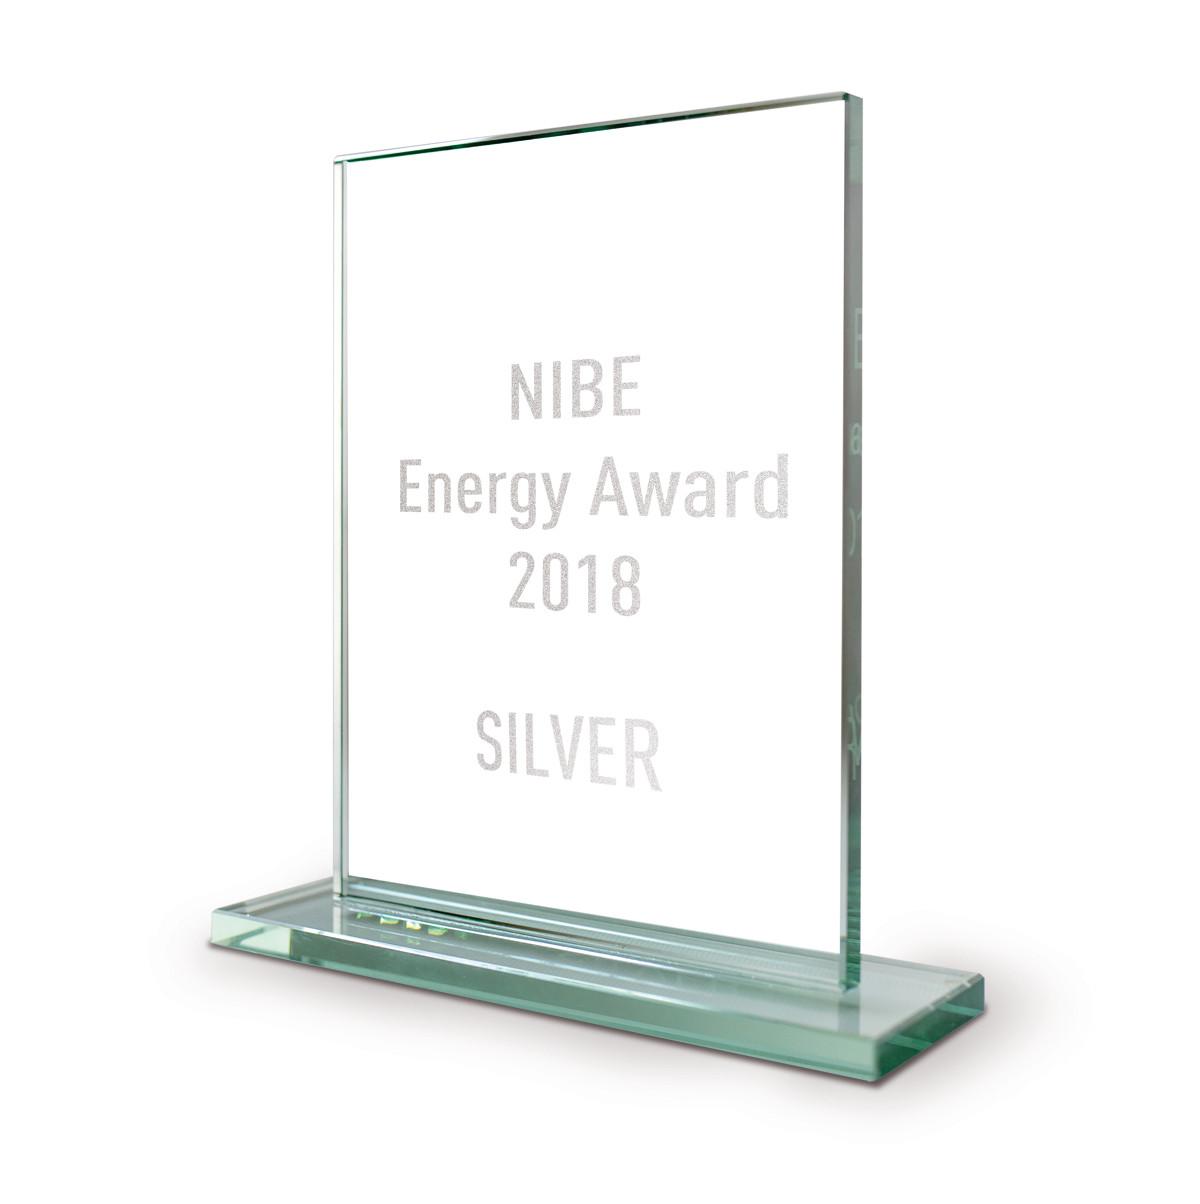 Награда от NIBE AB за продажи в 2018 году